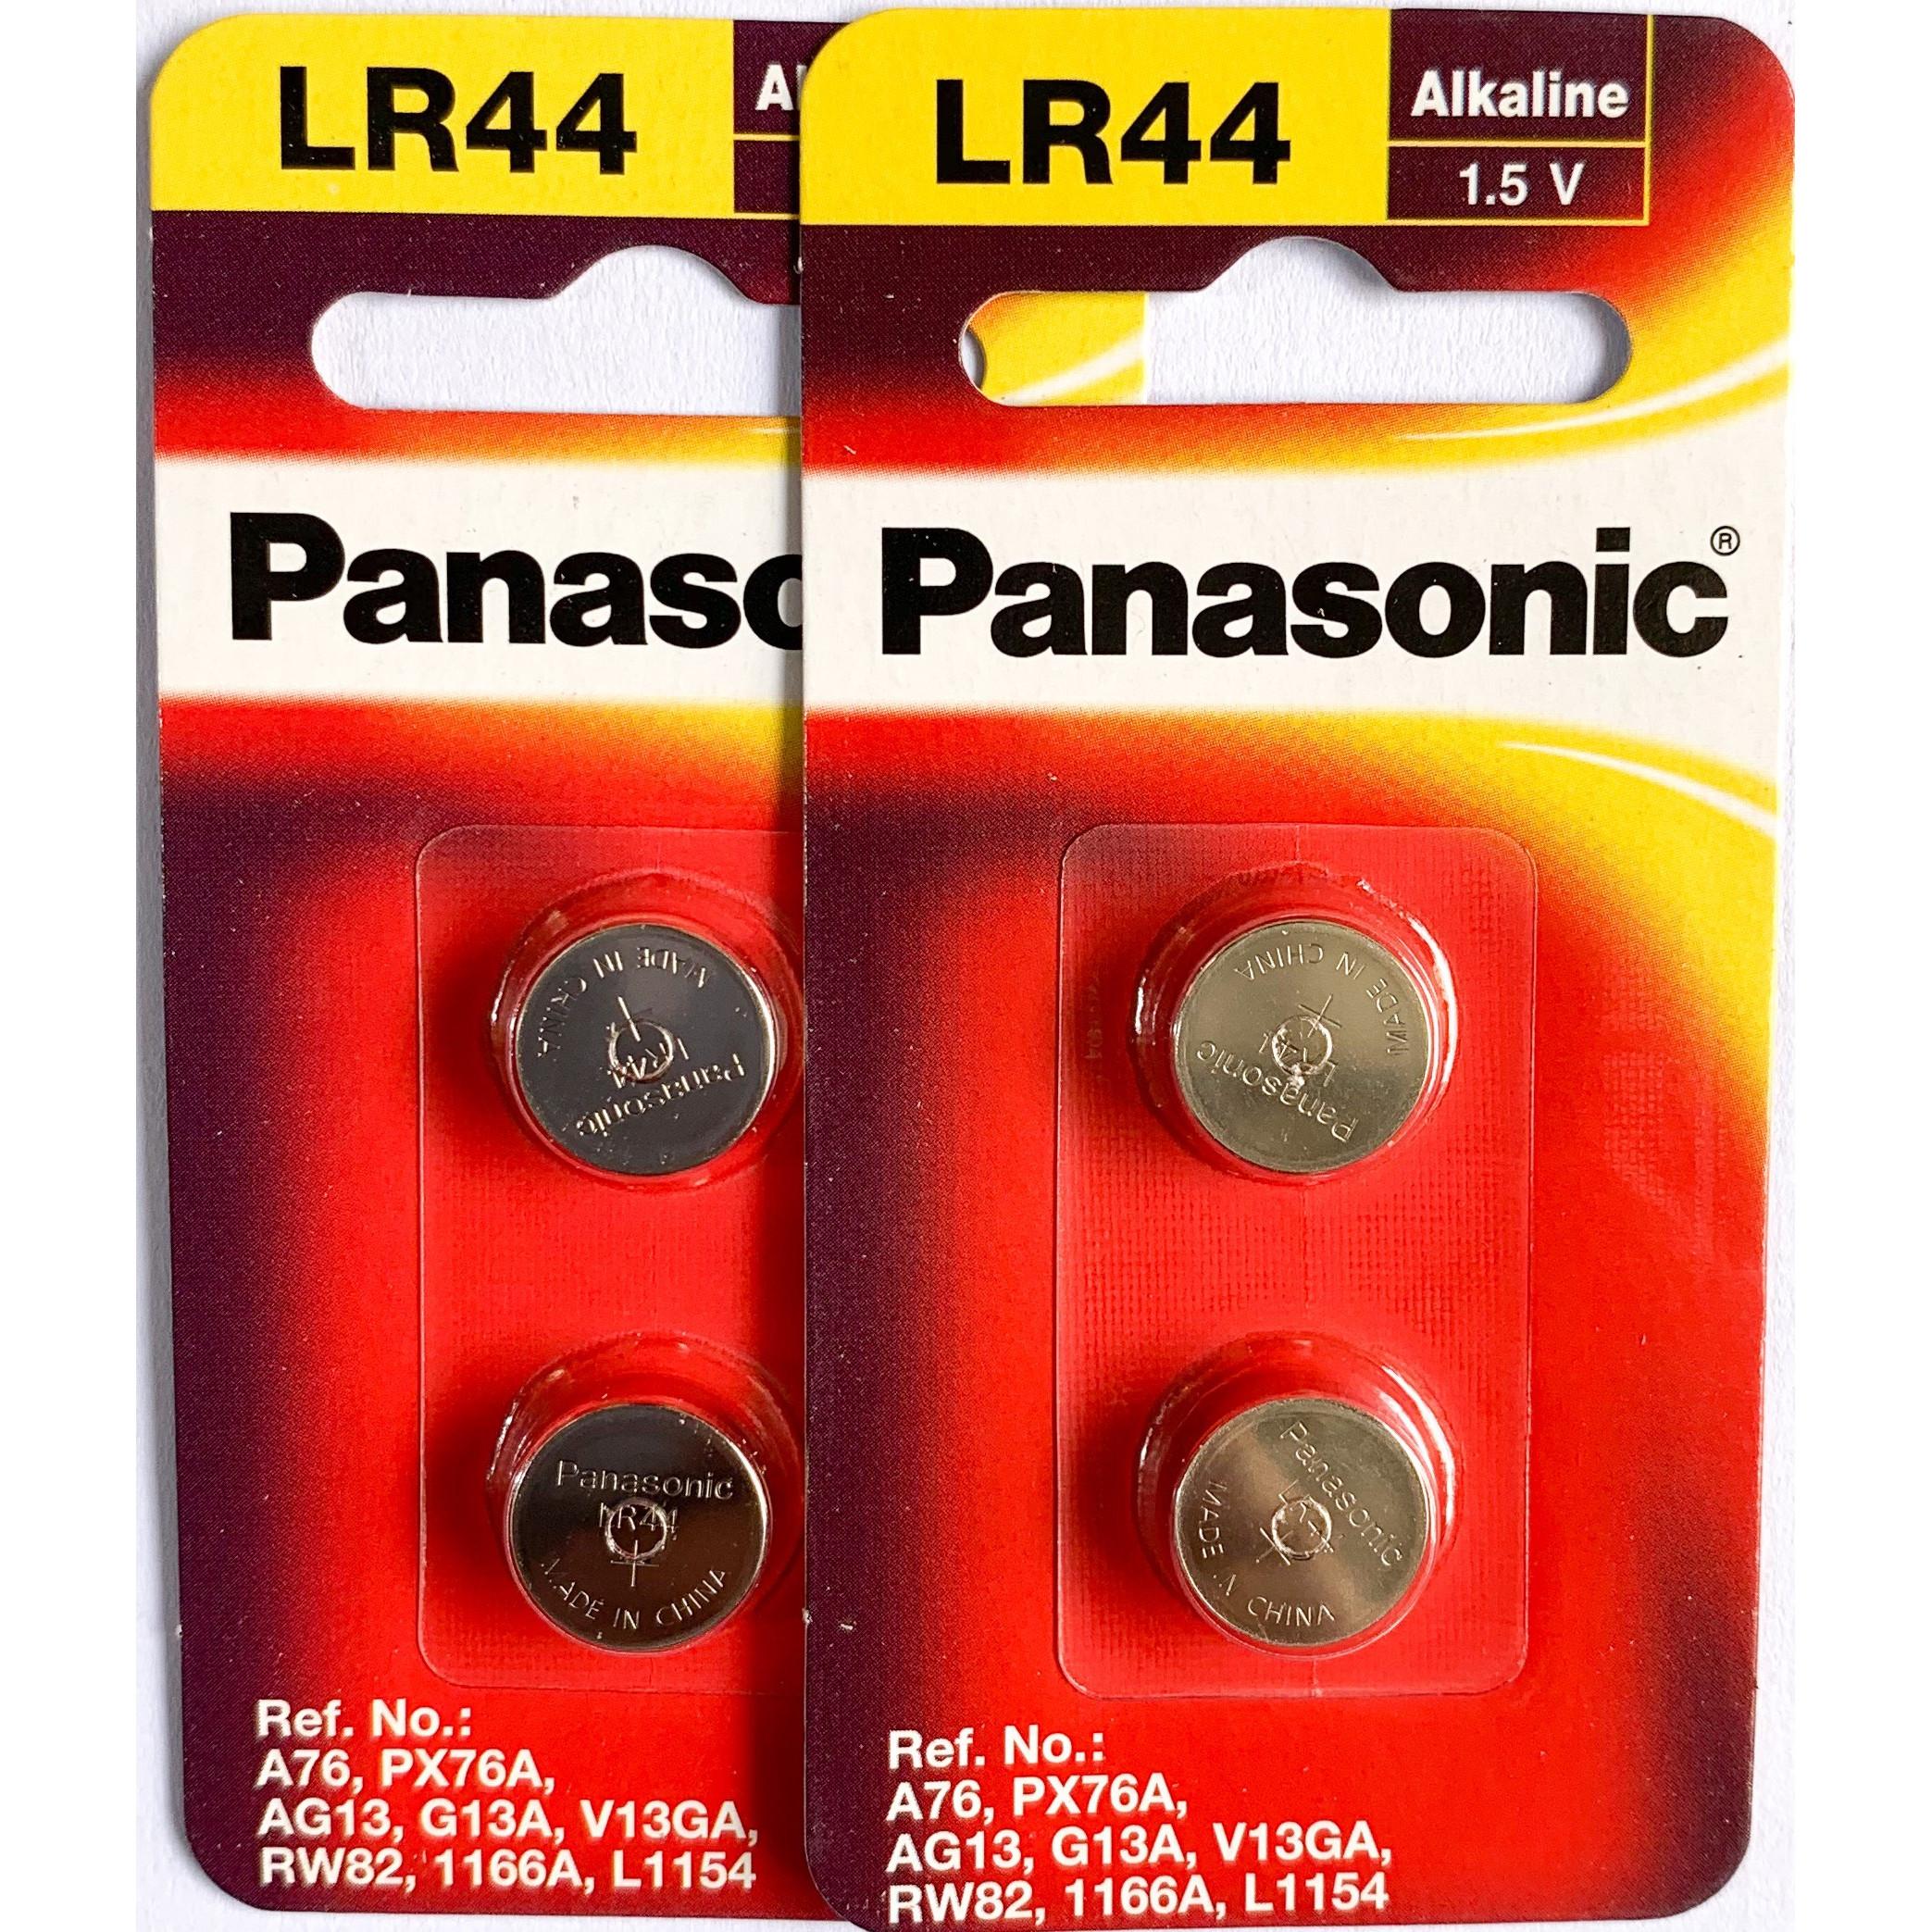 2 Vỉ Pin LR44/2B Panasonic 1,5 V - Hàng Chính Hãng